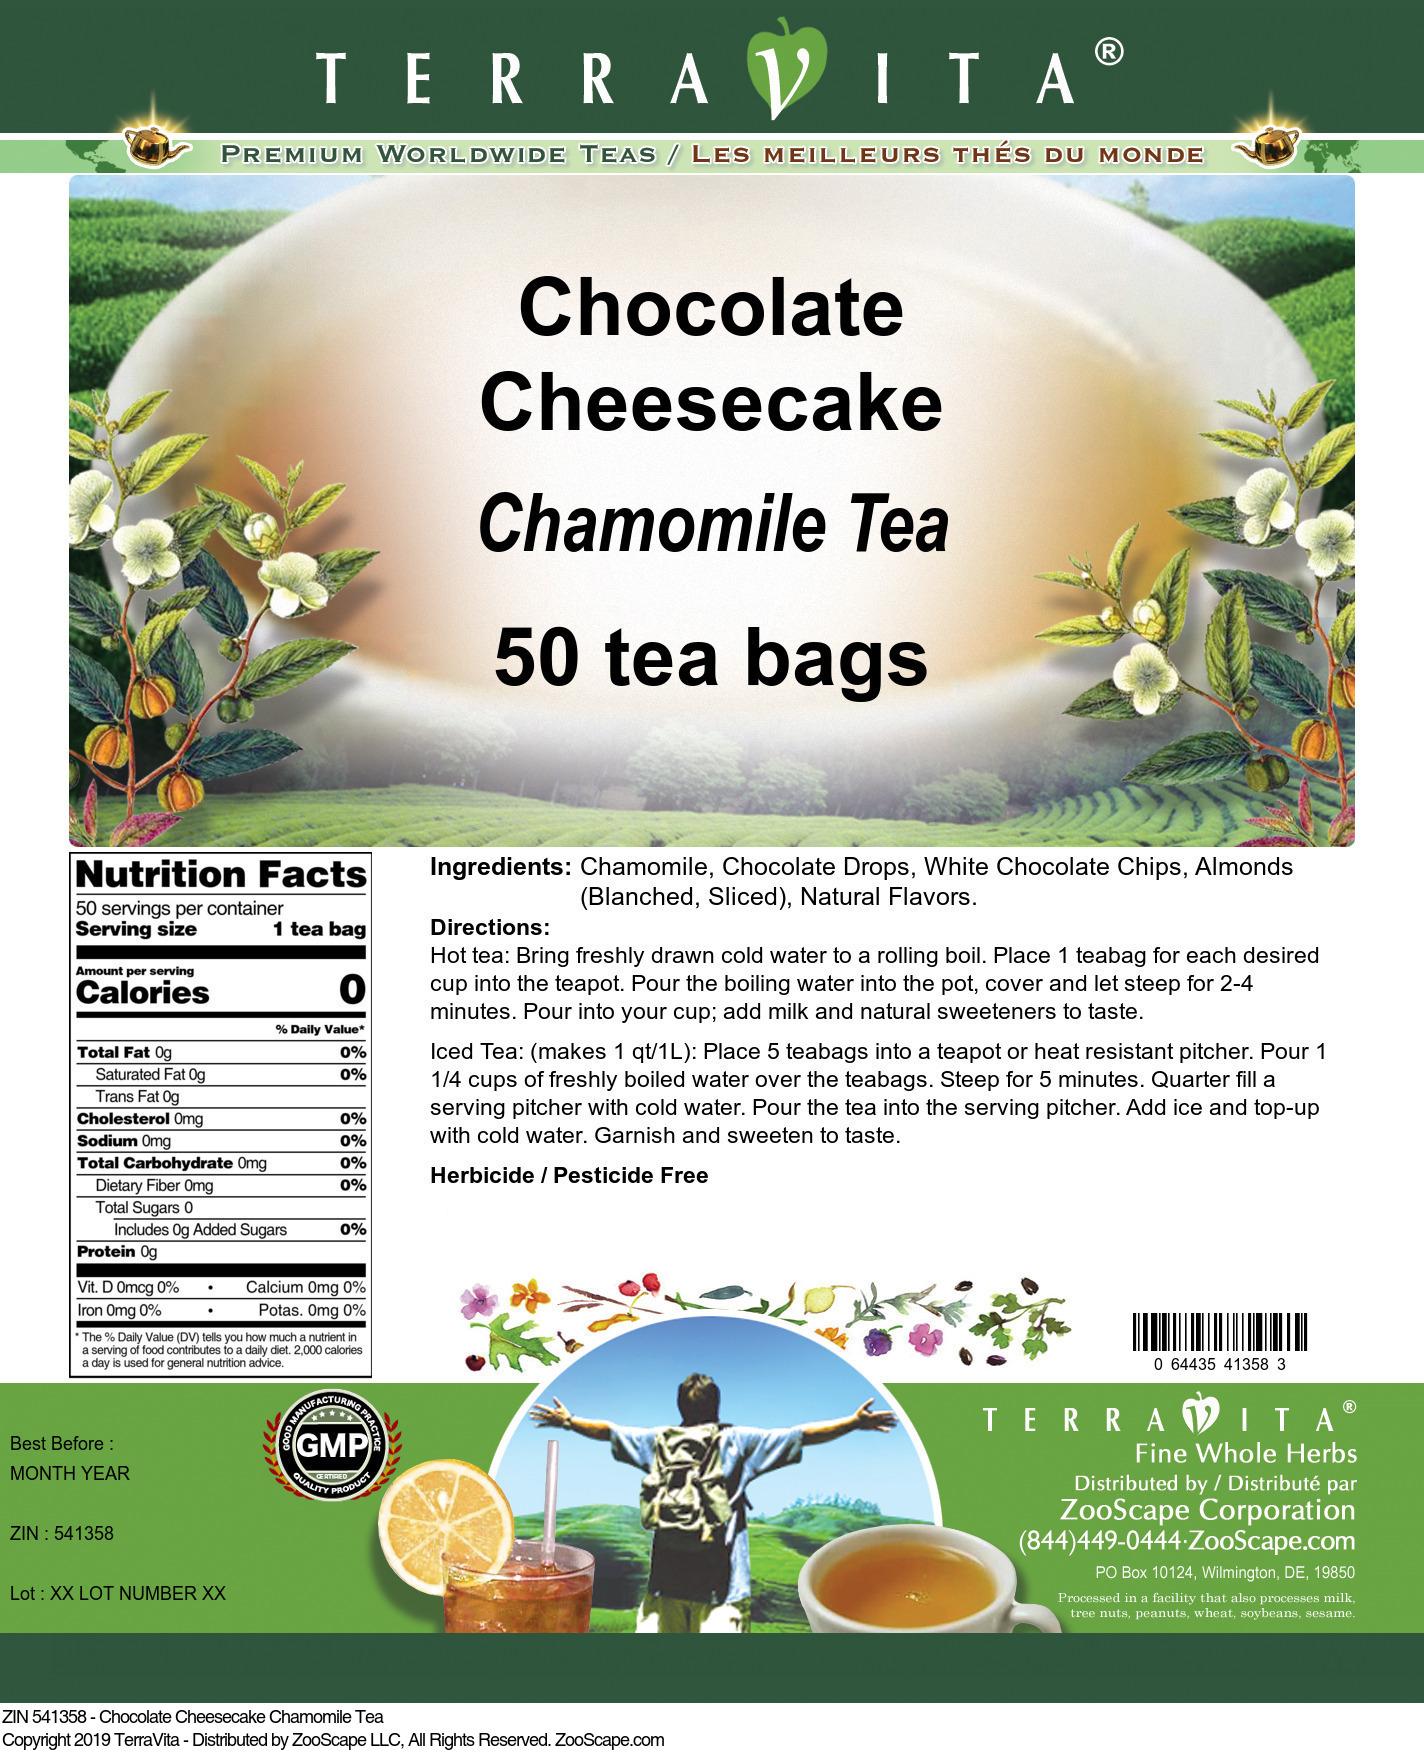 Chocolate Cheesecake Chamomile Tea